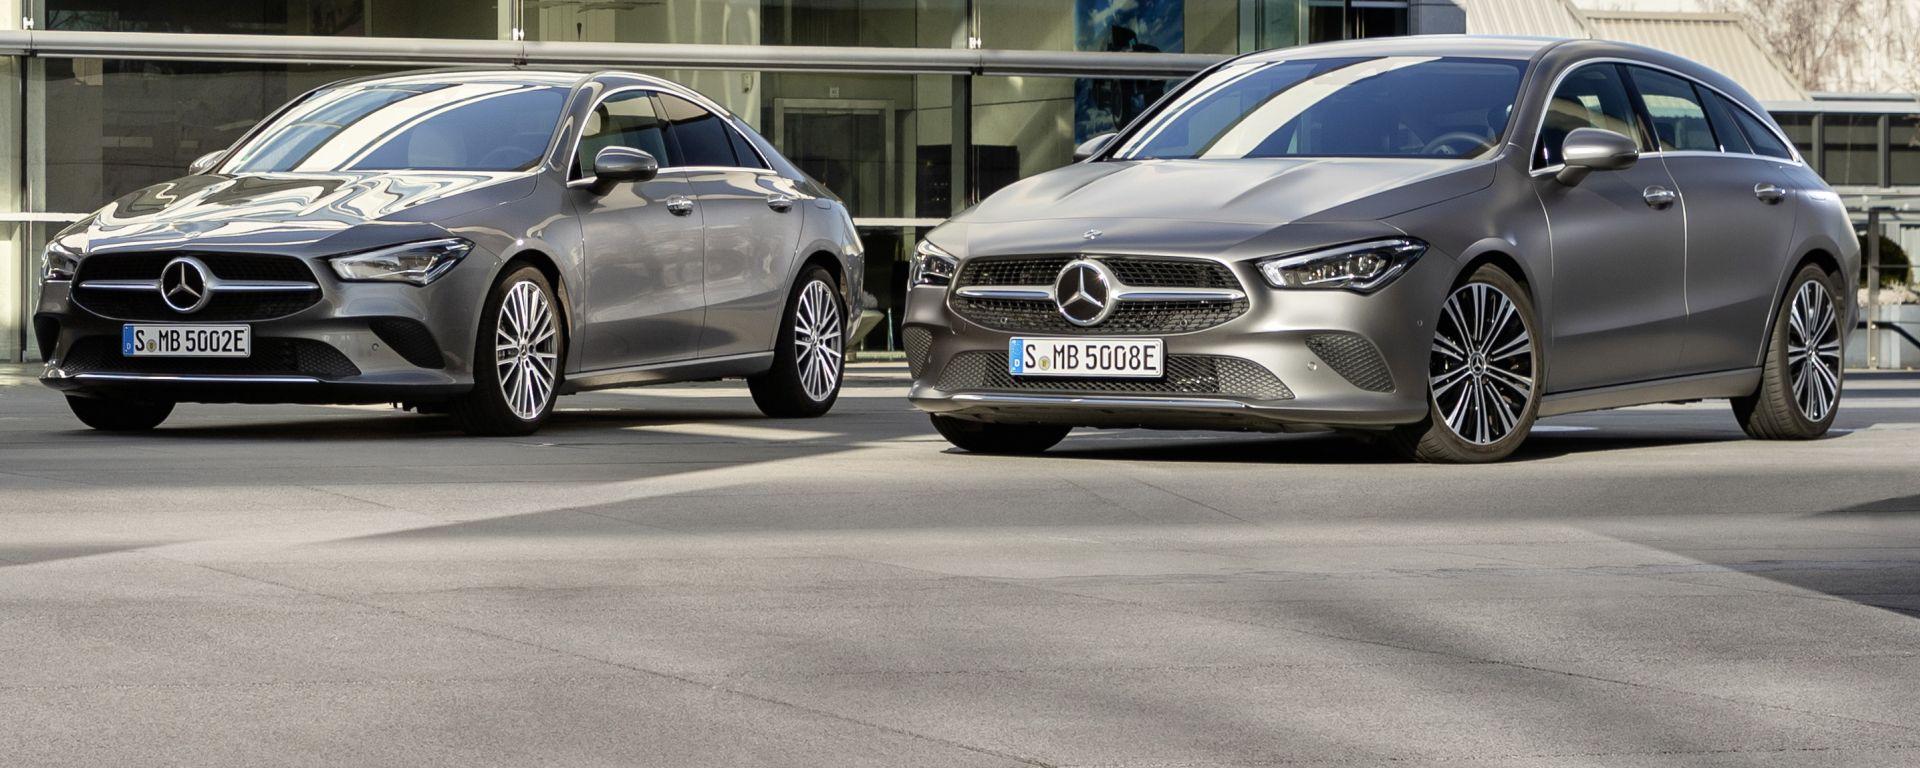 Mercedes CLA 250 e Coupé e Shooting Brake